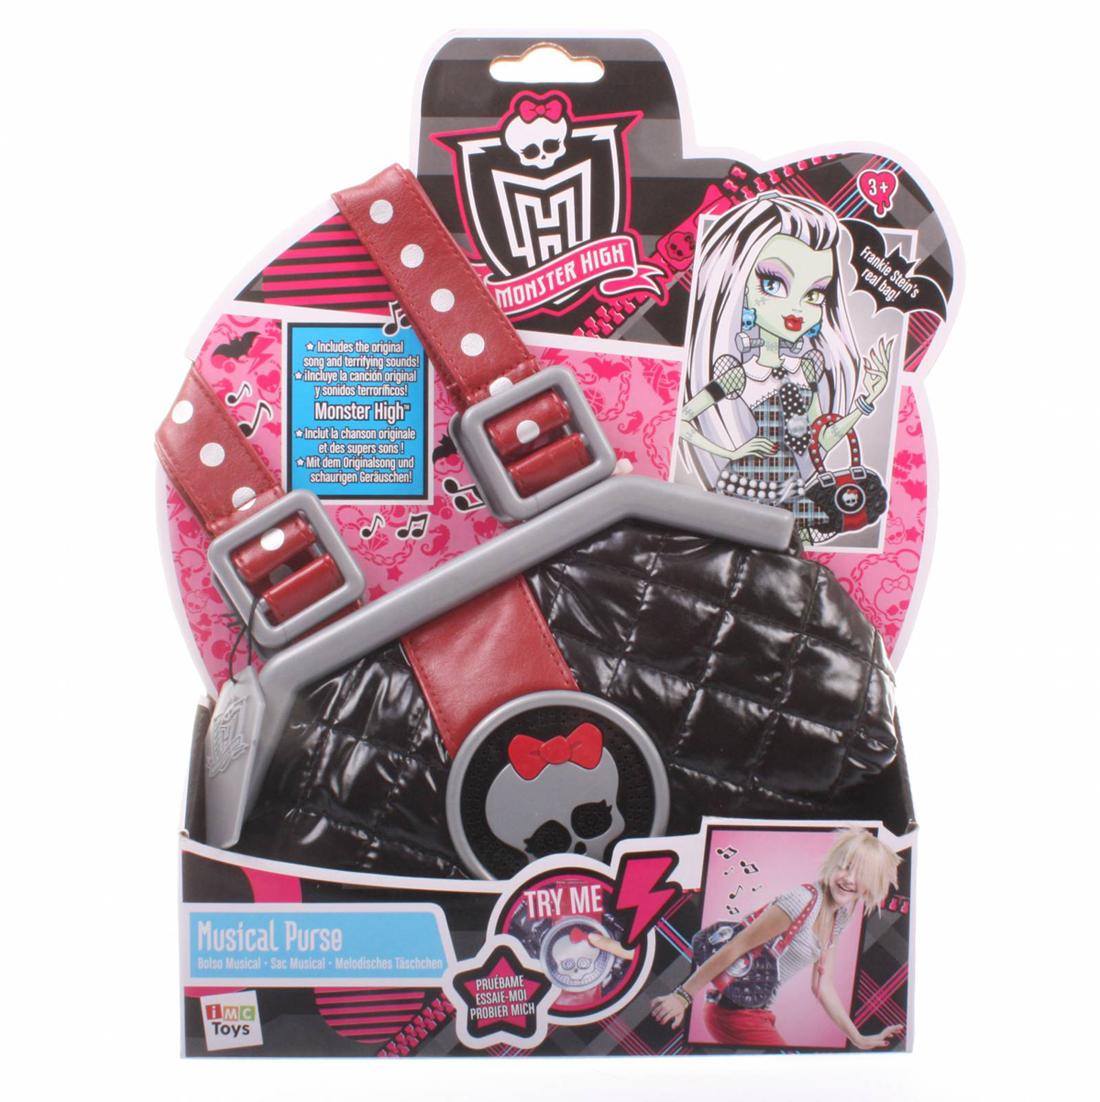 Школа монстров. Сумка музыкальная, Monster High - Куклы и пупсы, артикул: 93183